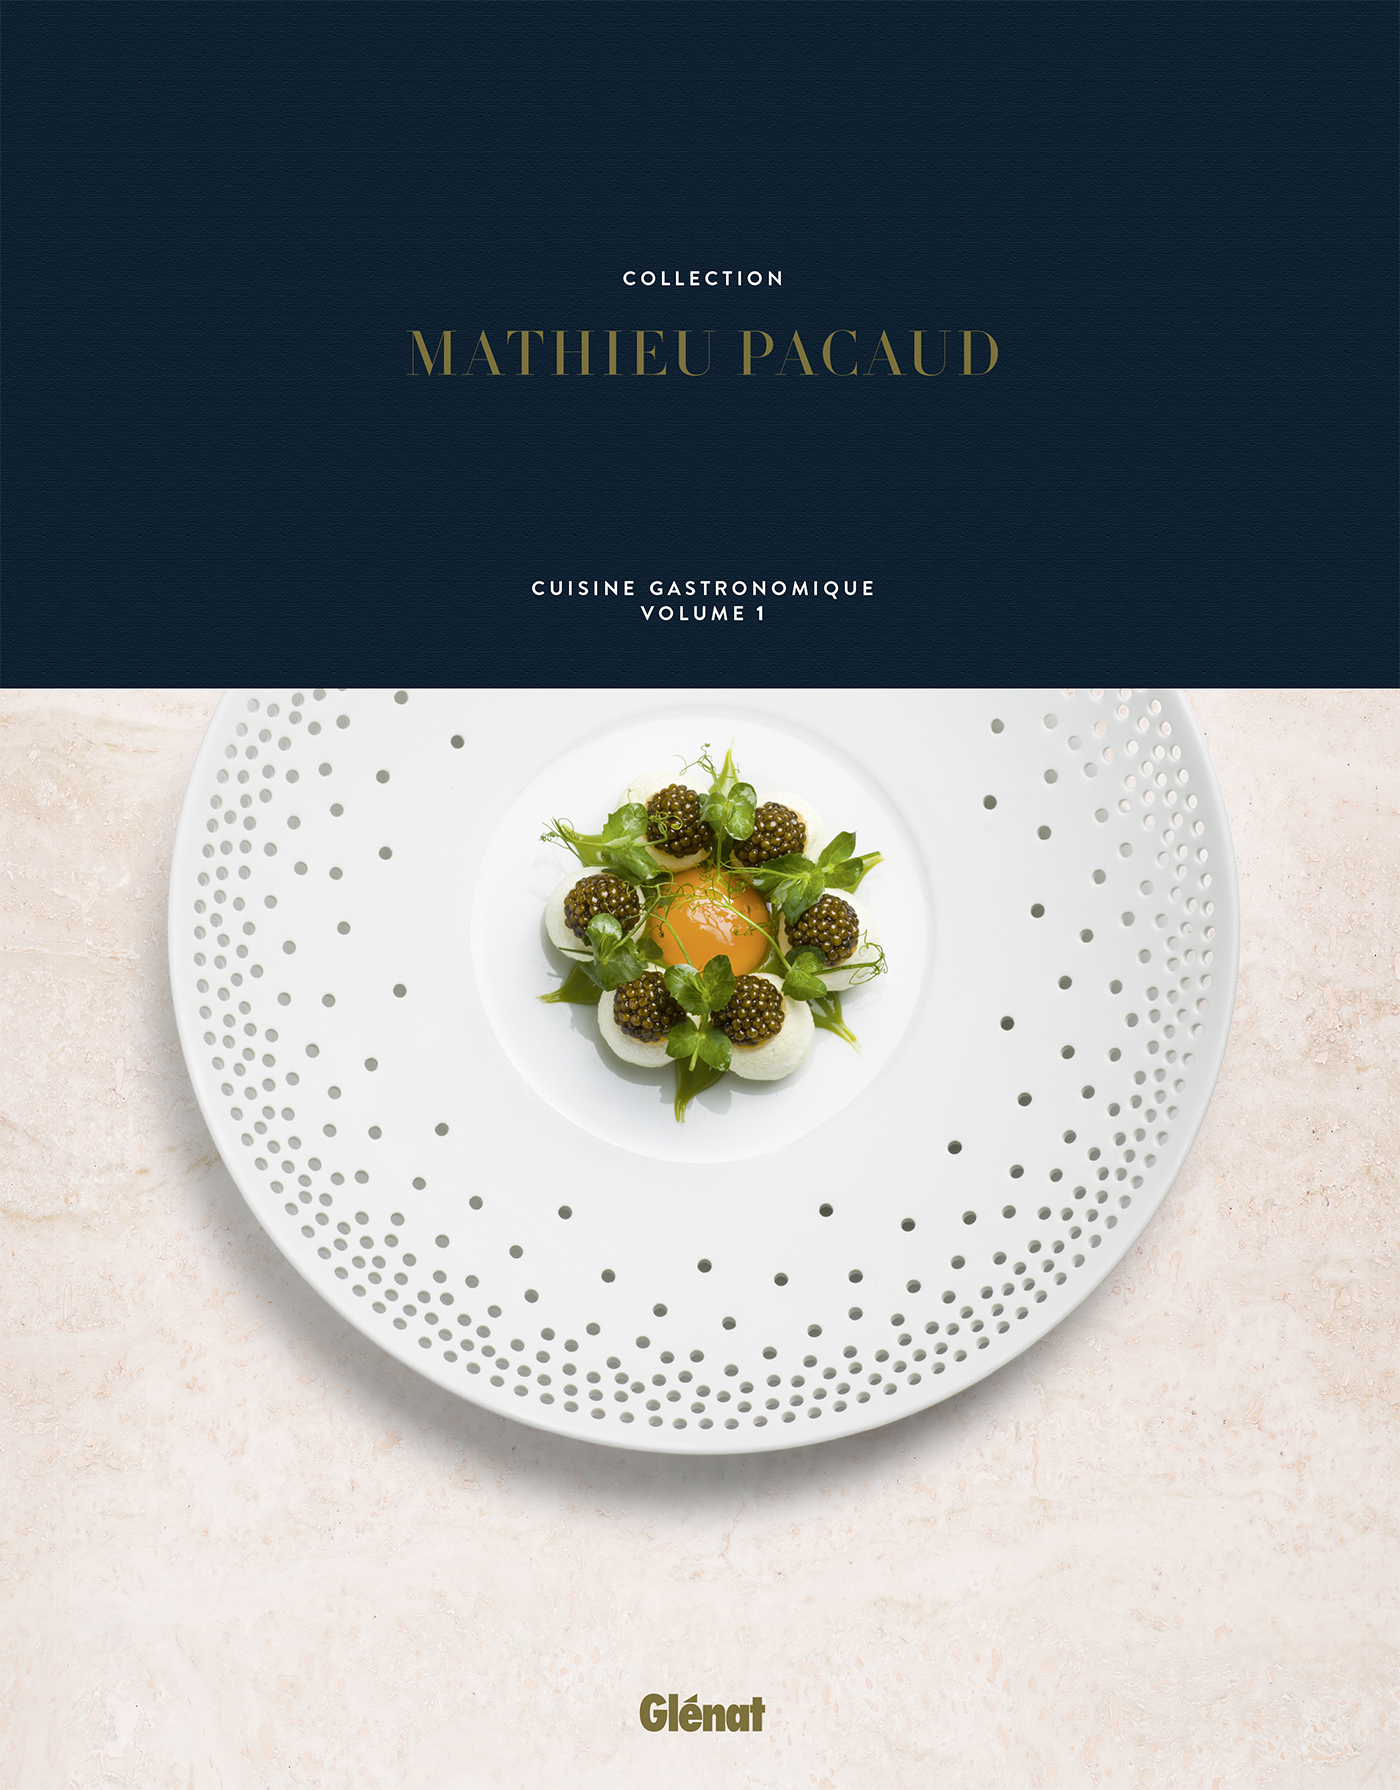 livre gastronomique mathieu pacaud